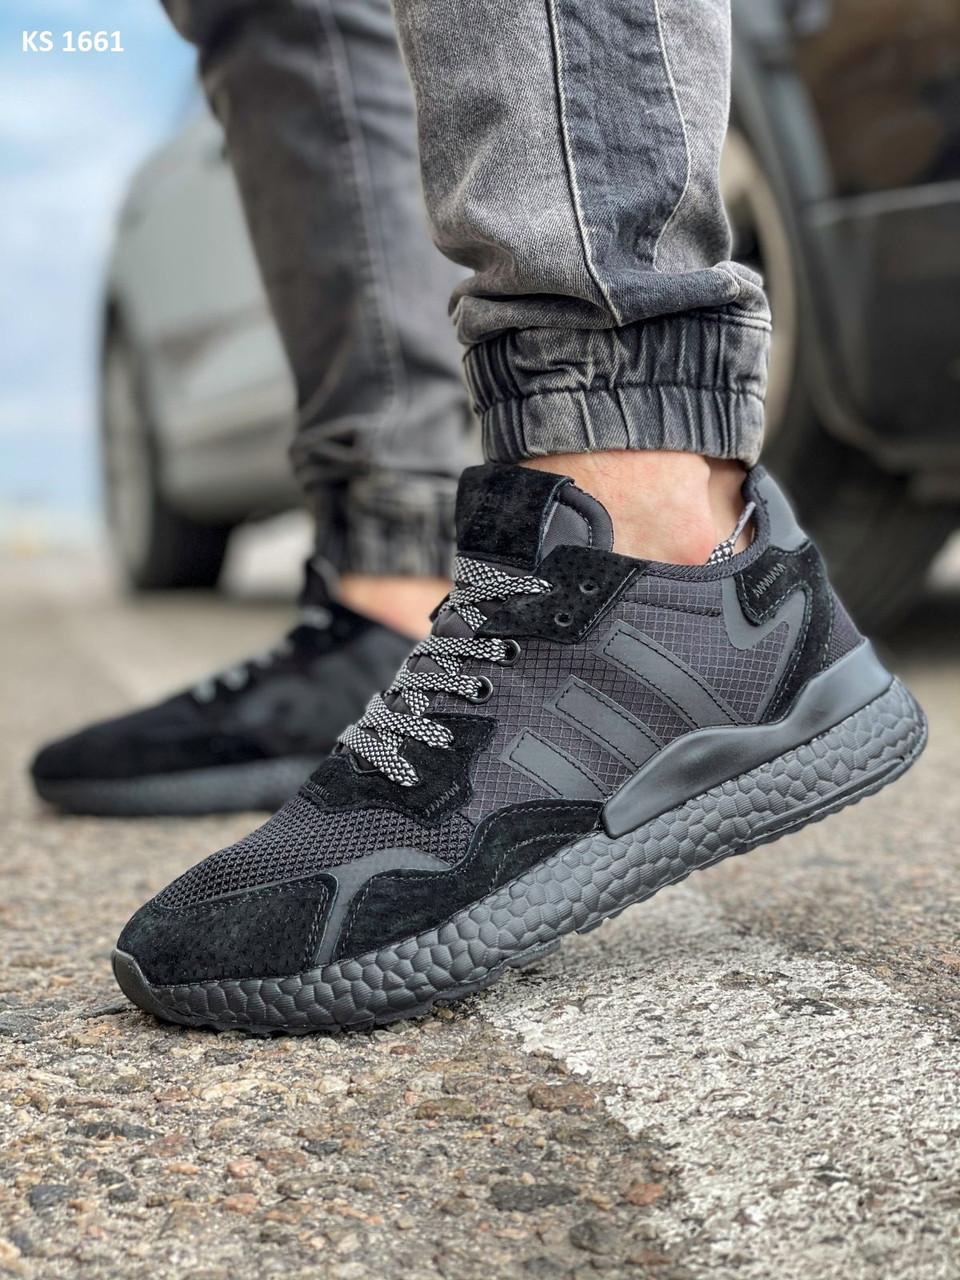 Кросівки чоловічі Adidas Nite Jogger Boost текстильні чорні Рефлектив Адідас (Топ репліка ААА+)